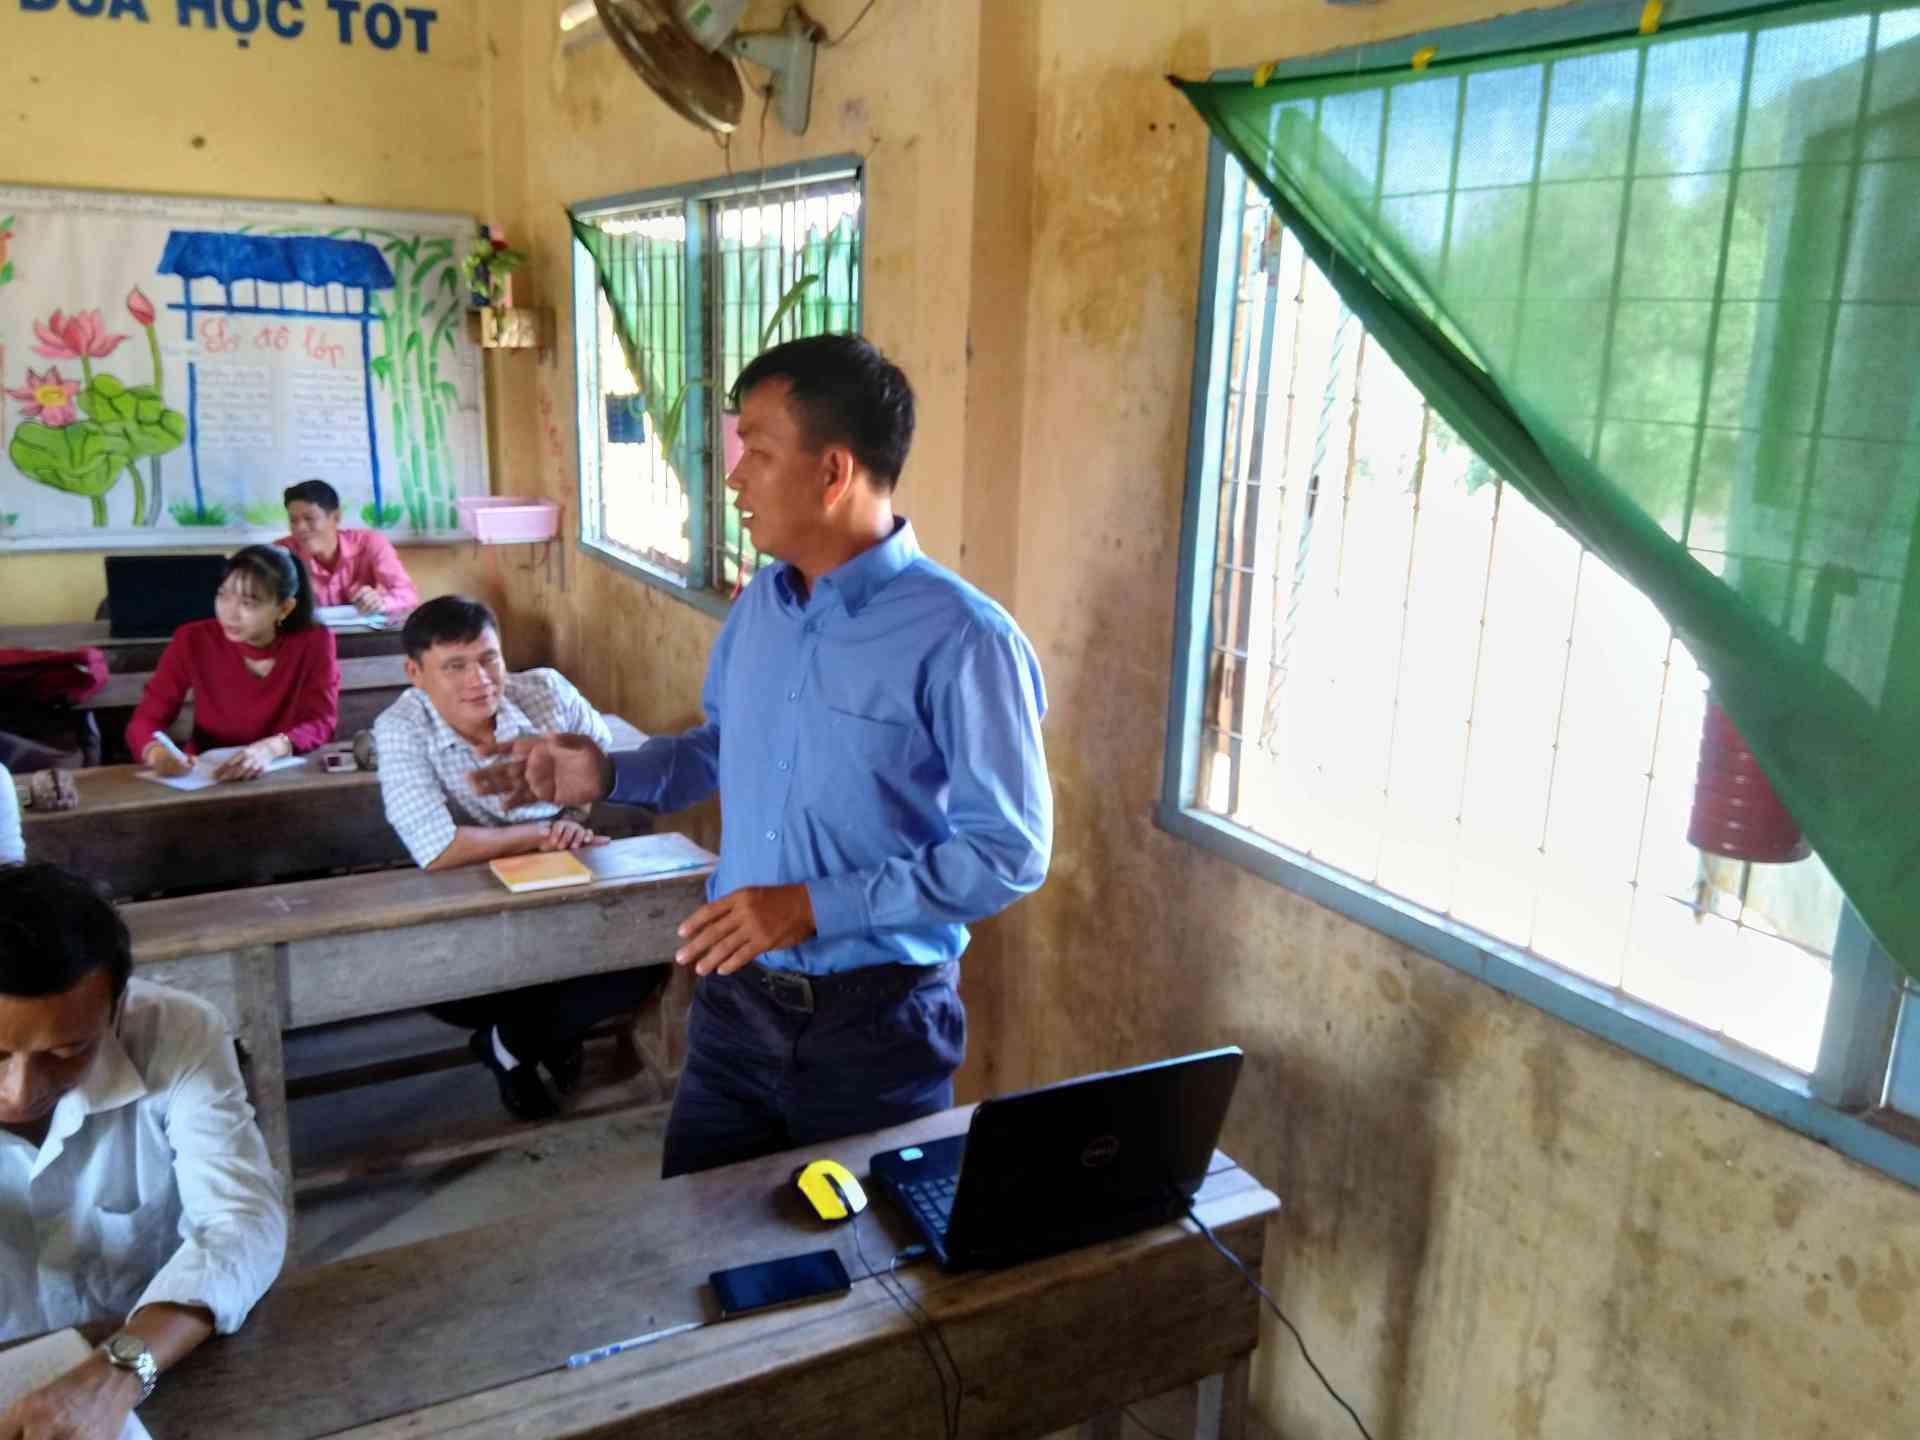 Thầy Trần Hữu Phước tham gia thảo luân và chia sẽ kinh nghiệm về dạy Tập làm văn .